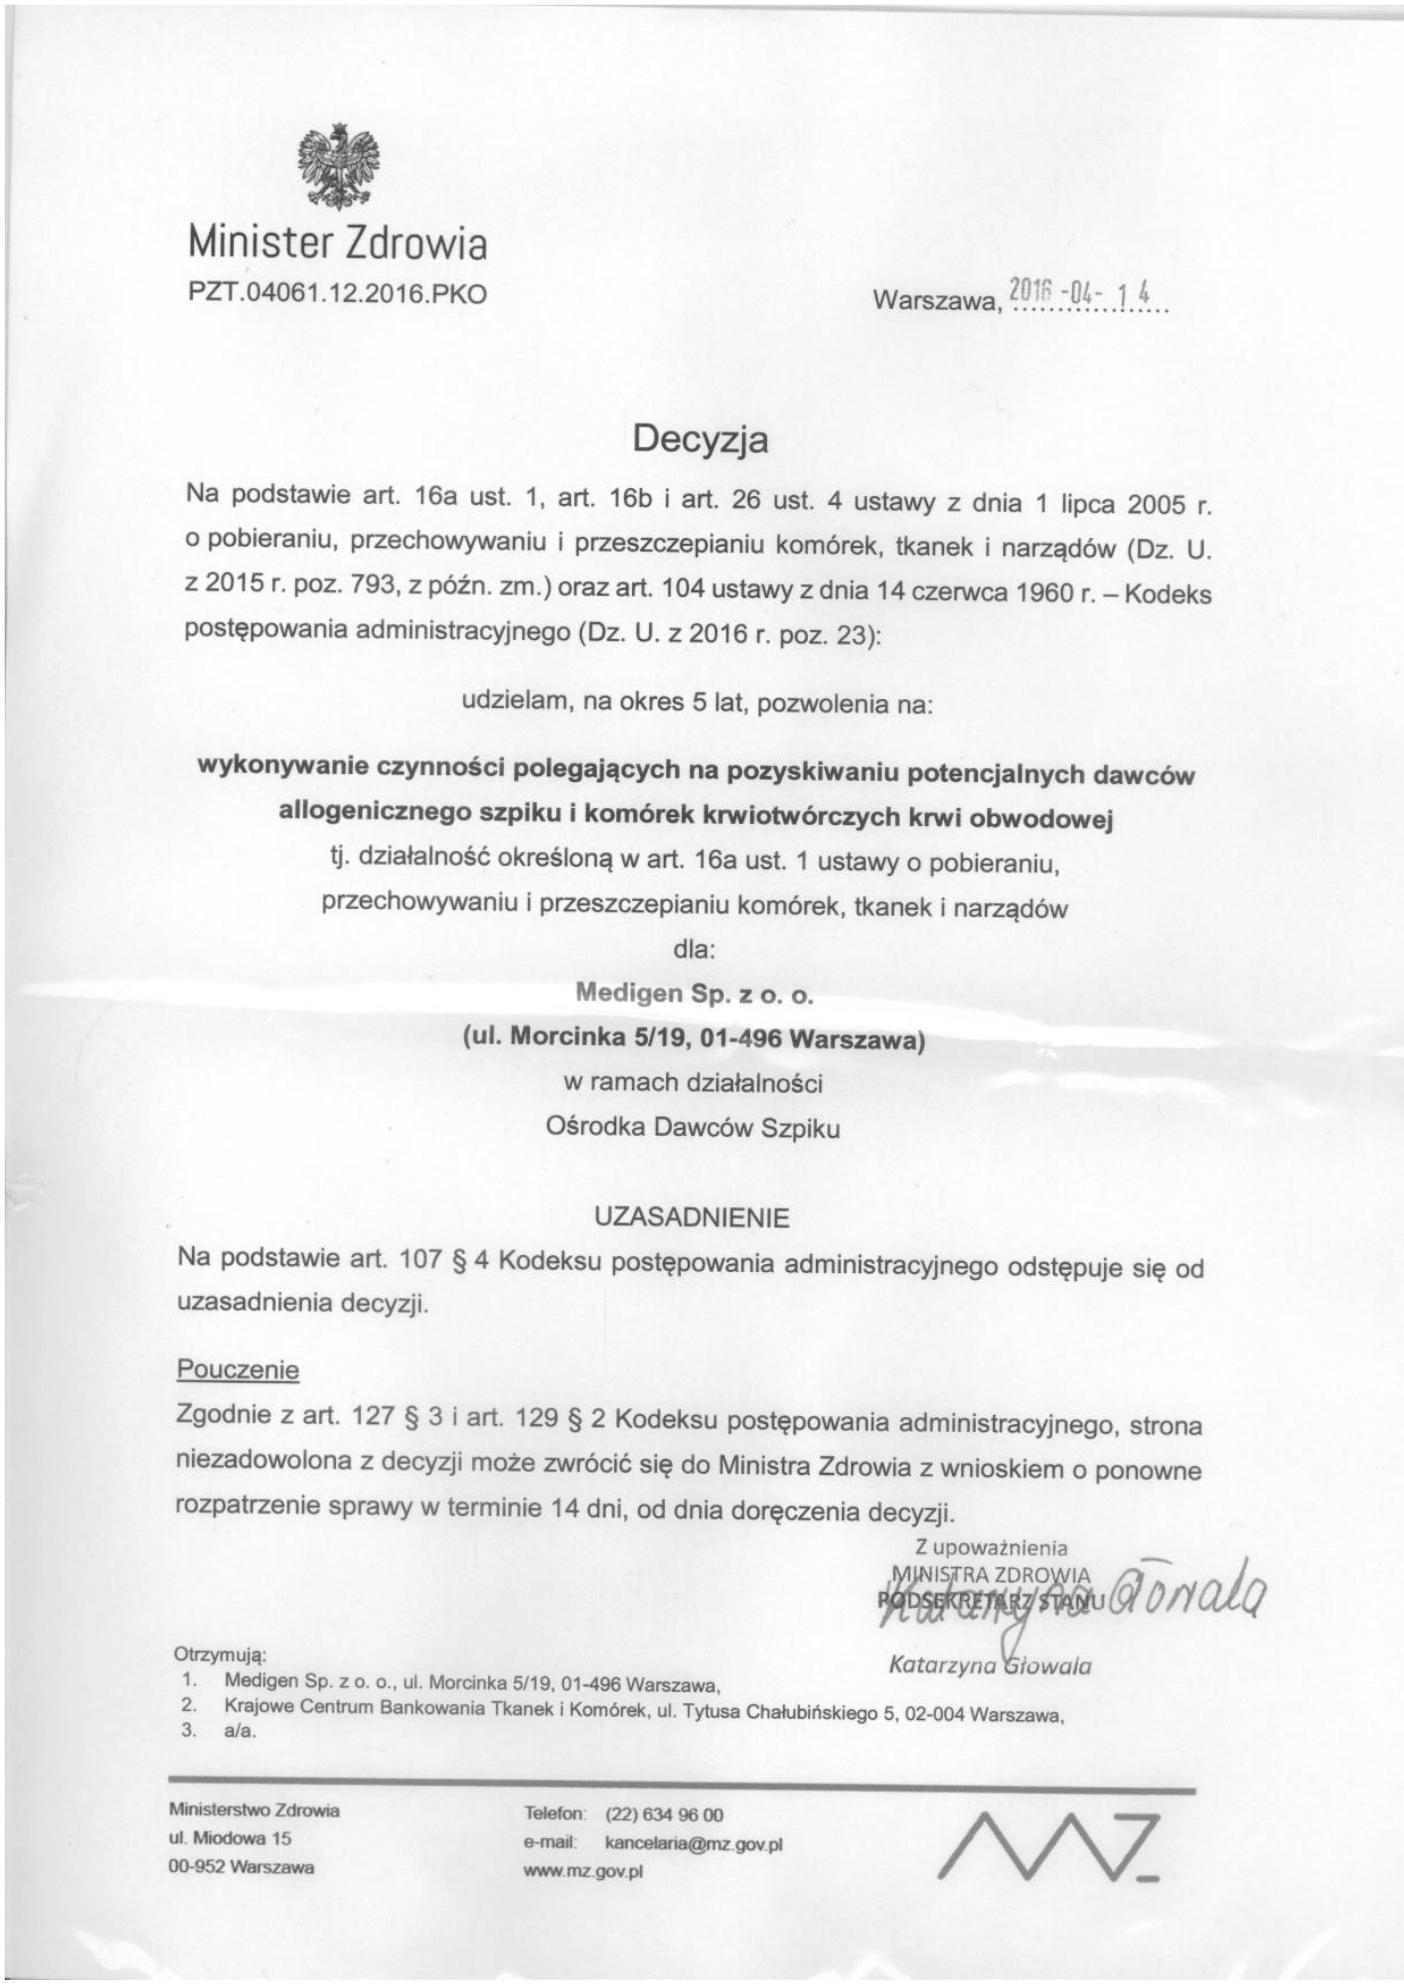 Pozwolenie MZ na ODS PZT.04061.12.2016.PKO-min